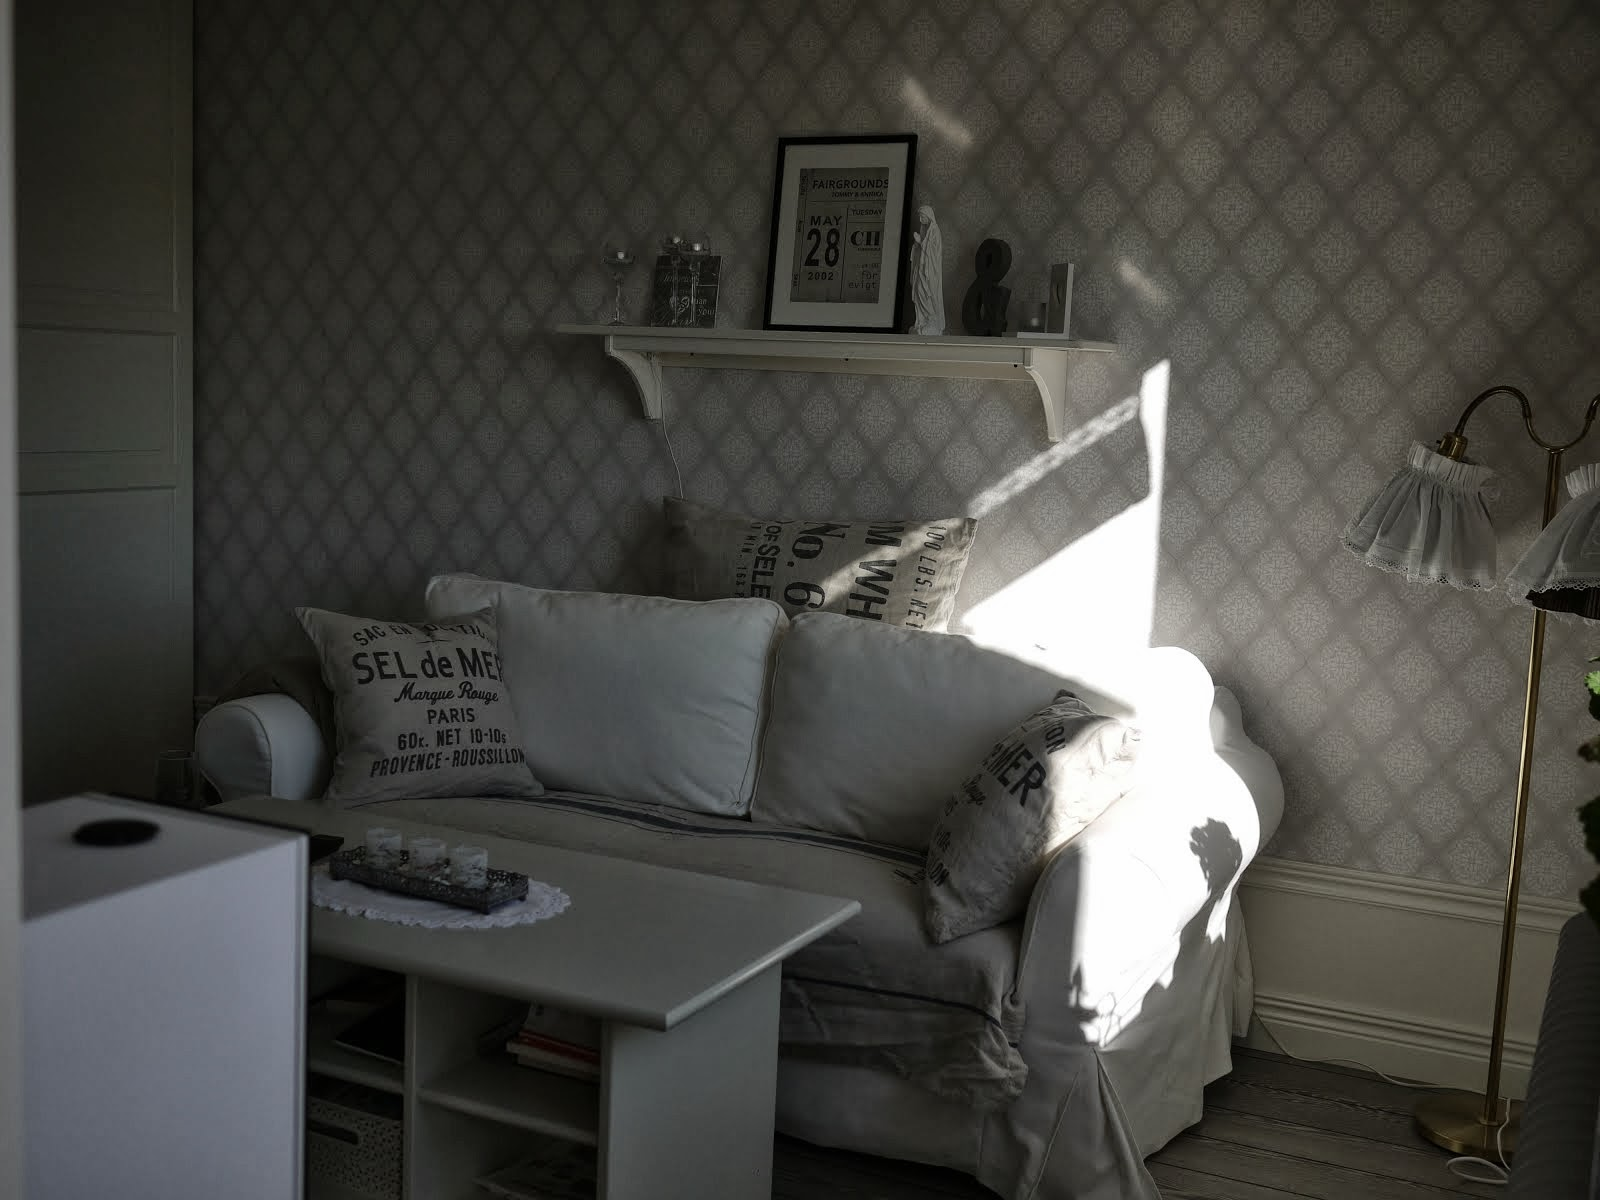 Tv rummet